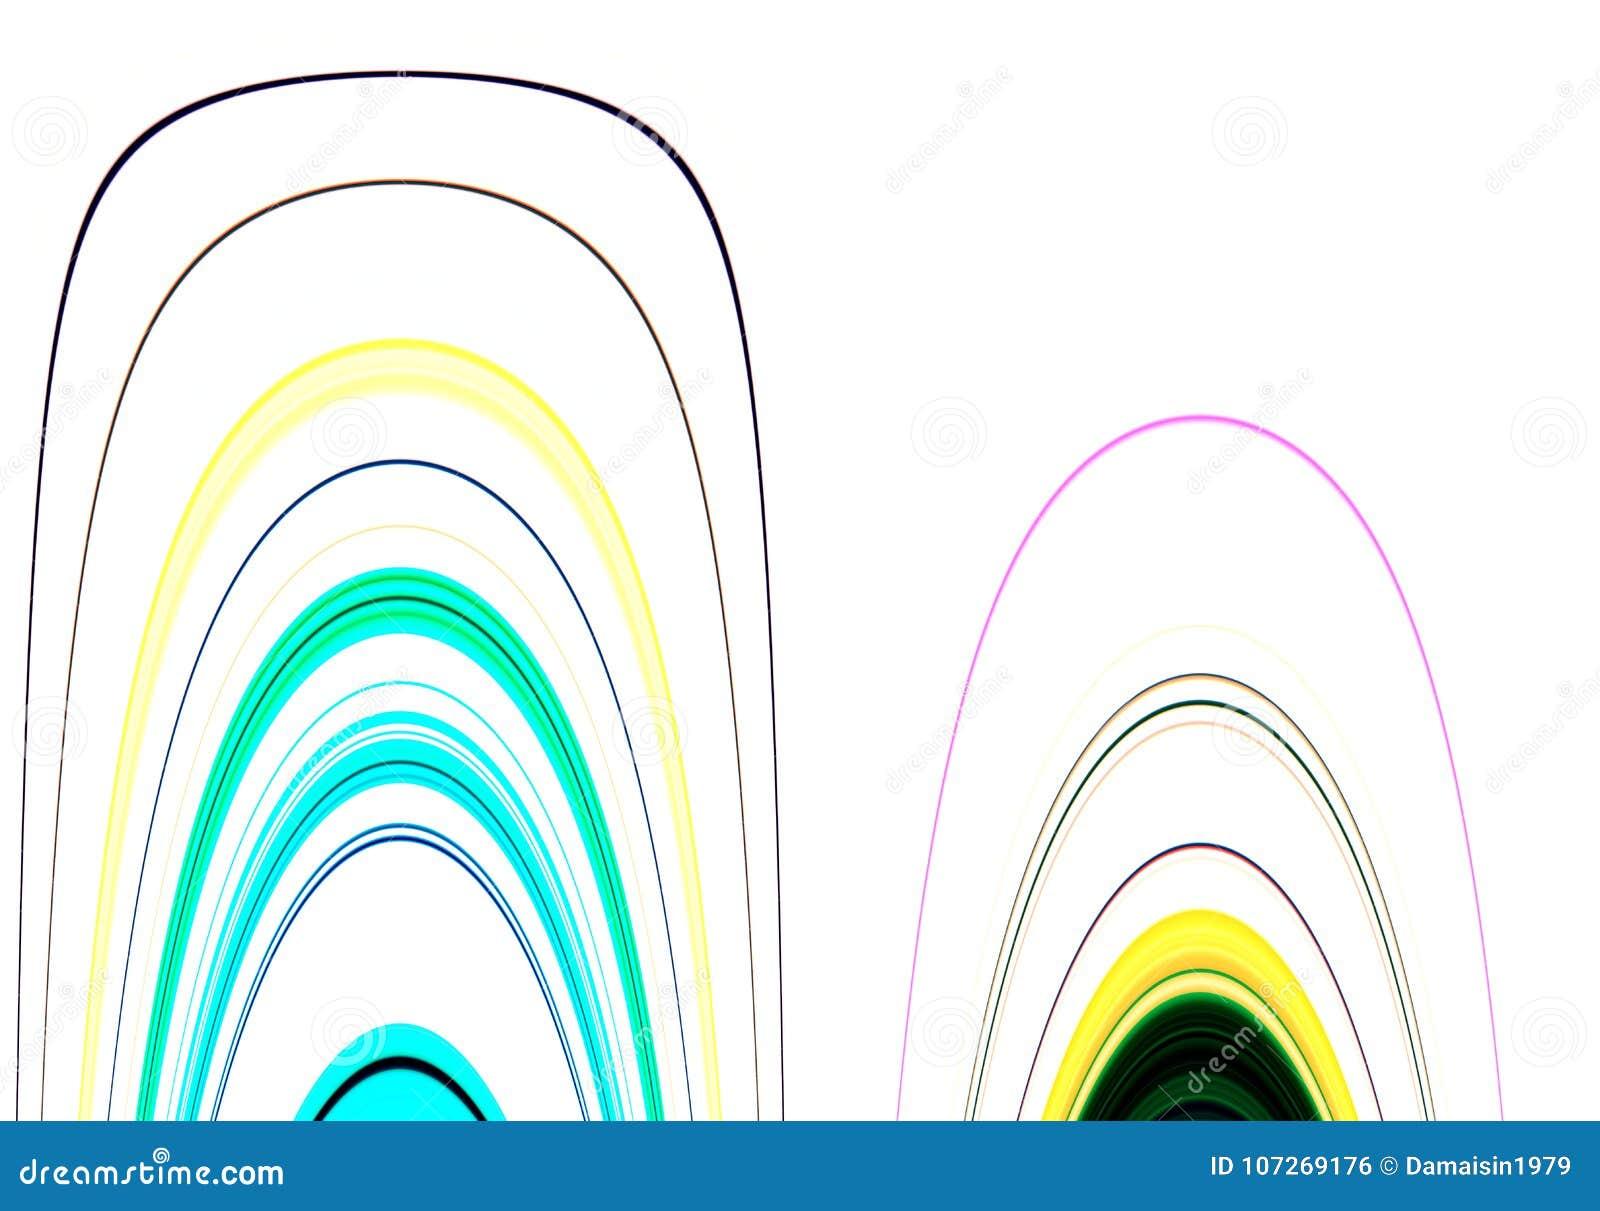 Linee e colori e fondo allegri di forme di contrasto nelle tonalità pastelli